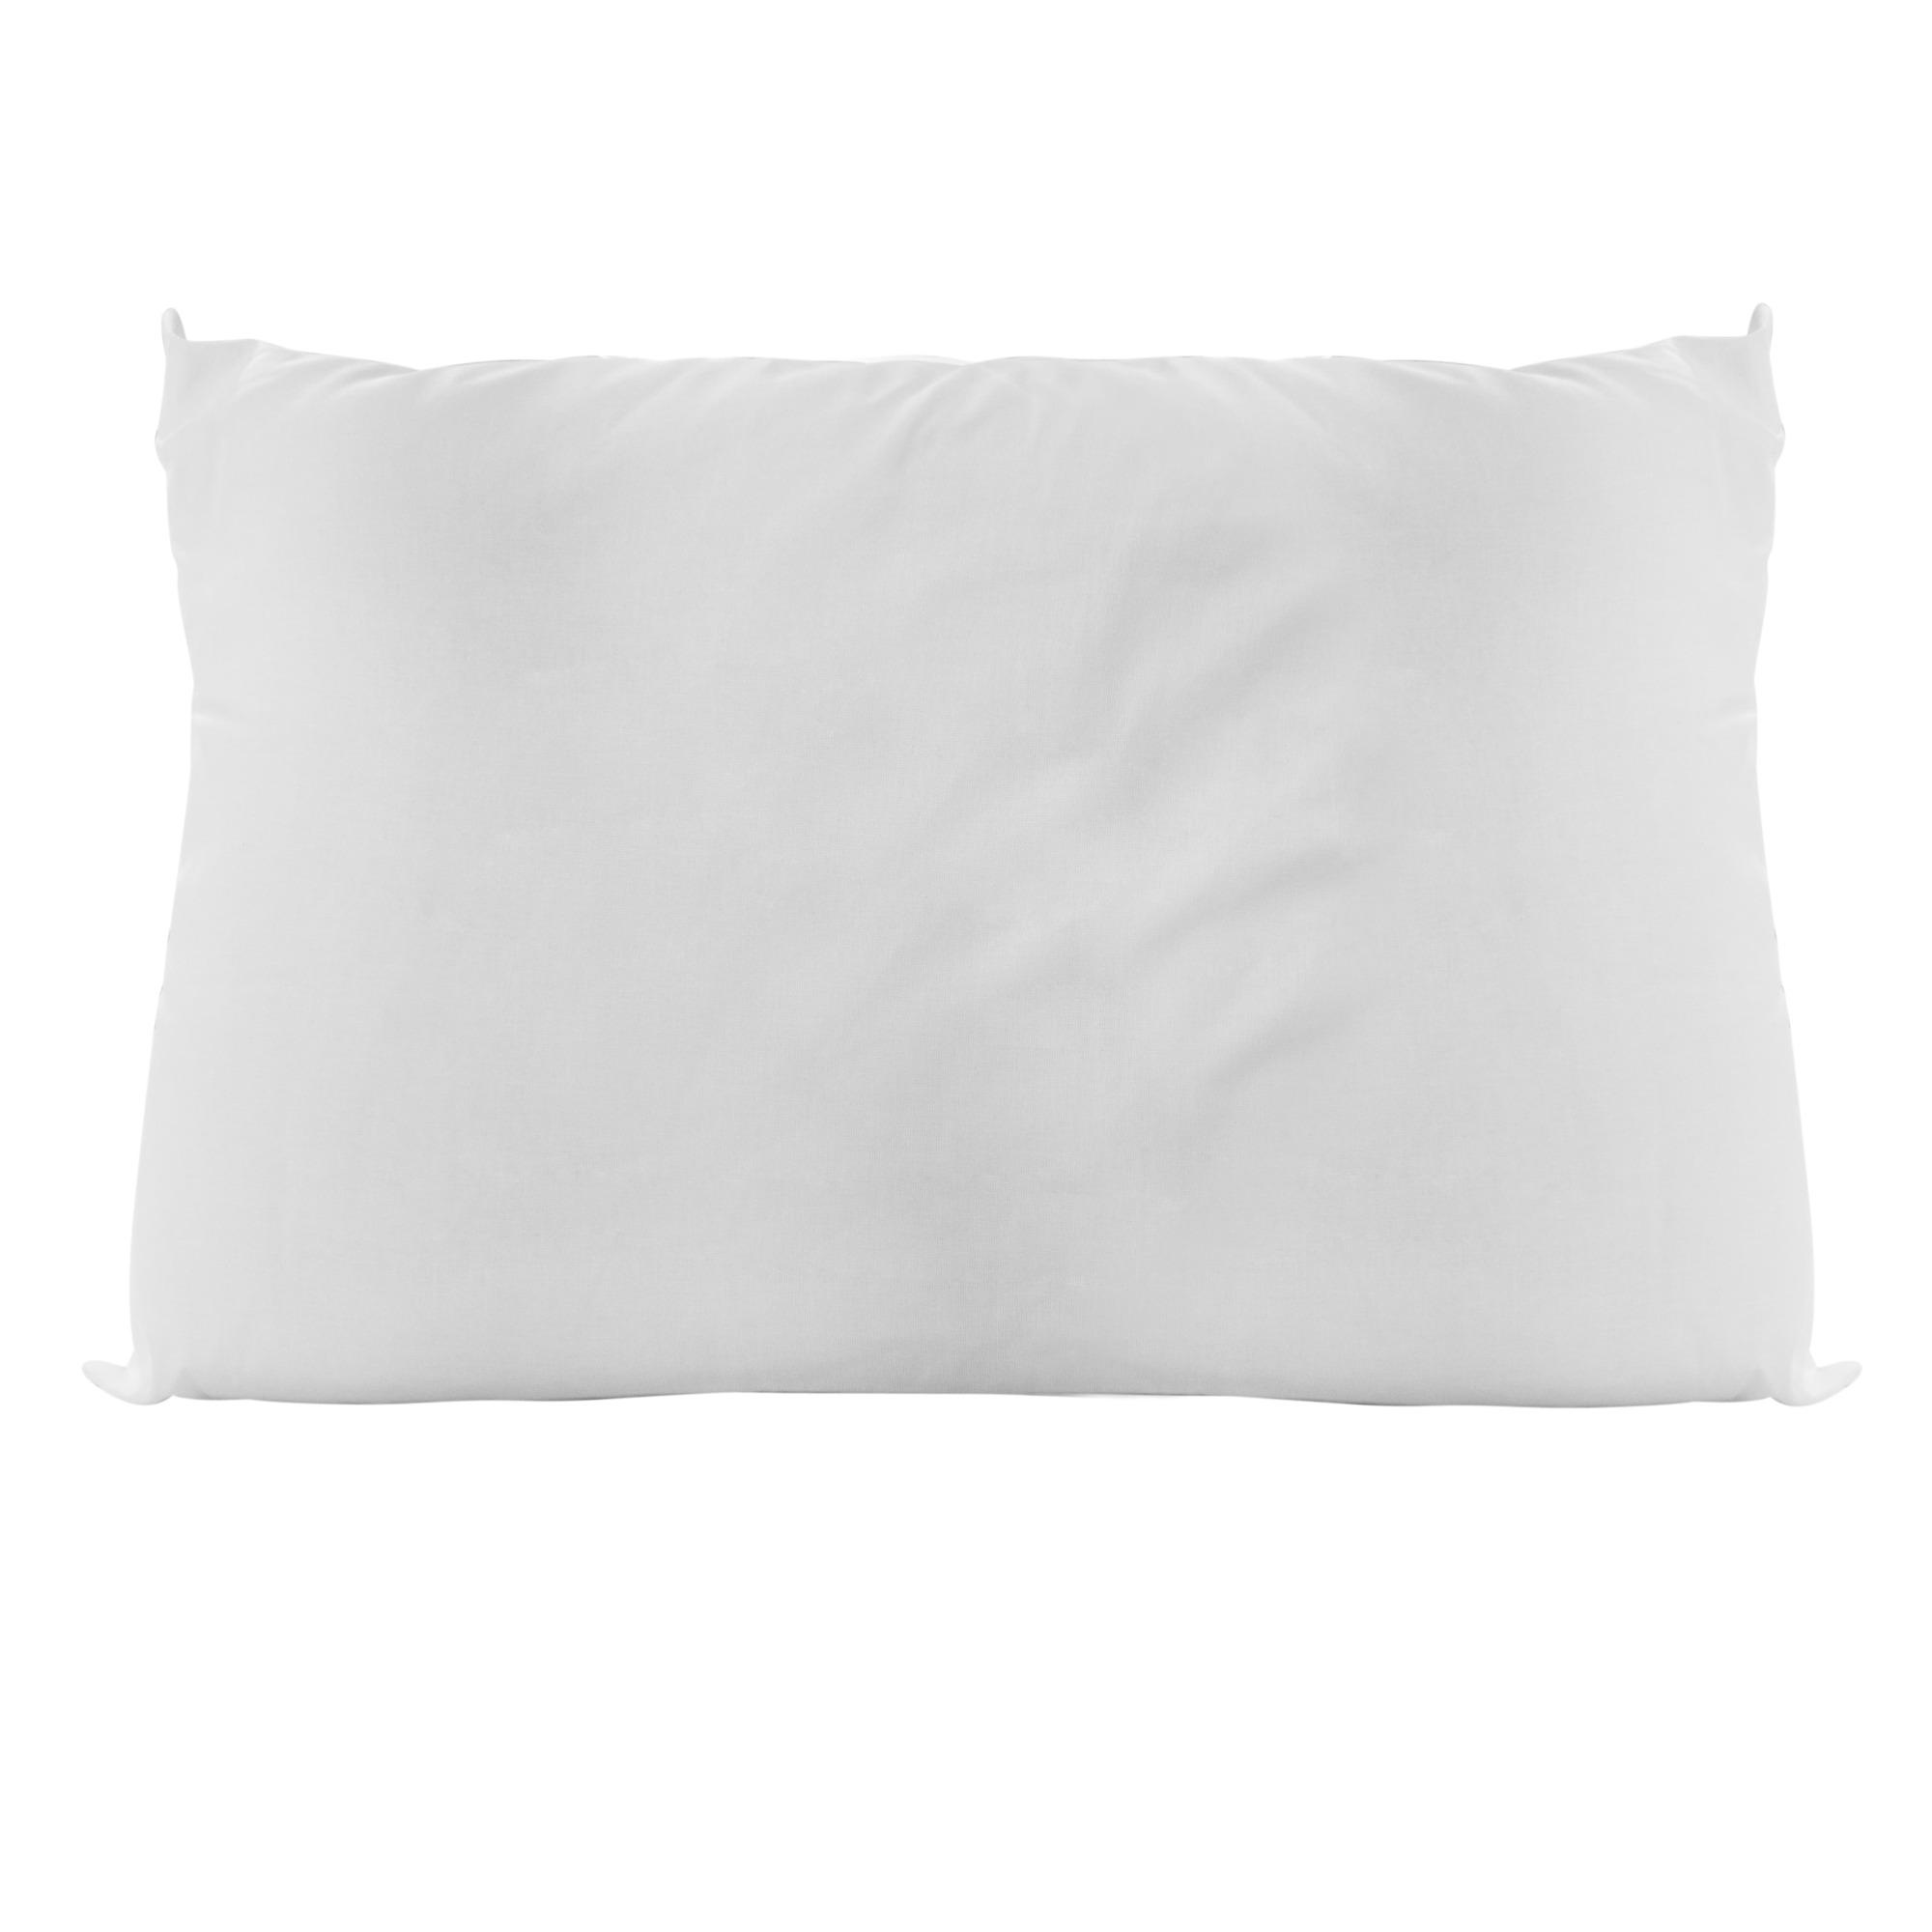 Travesseiro Fofura 45x65 cm Branco - Santista